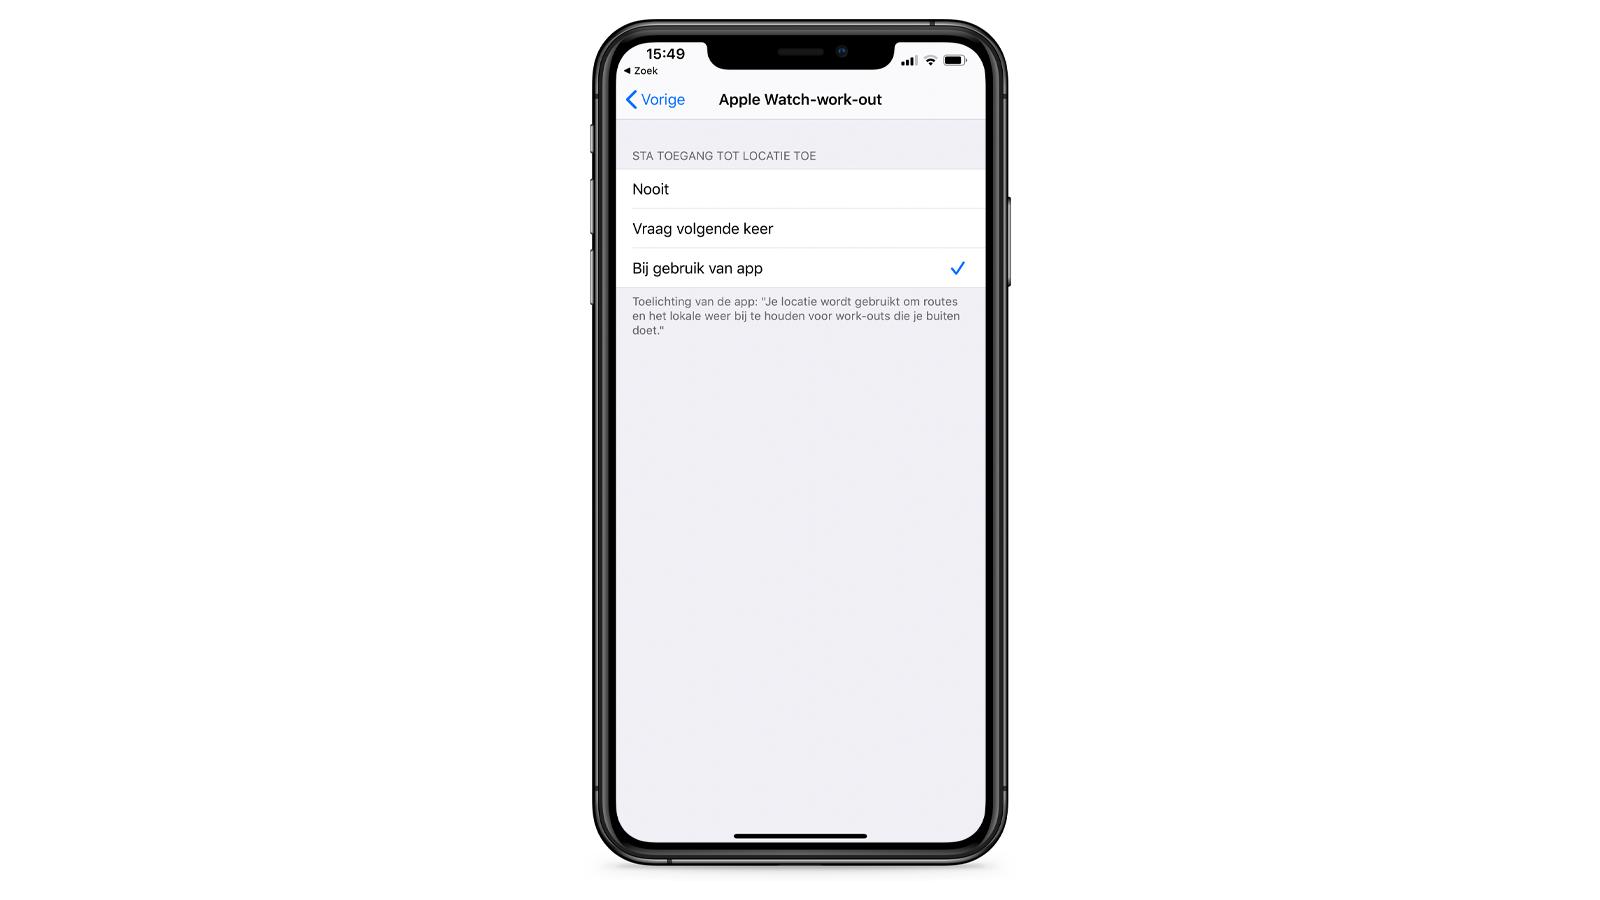 iPhone locatiedata iOS 13